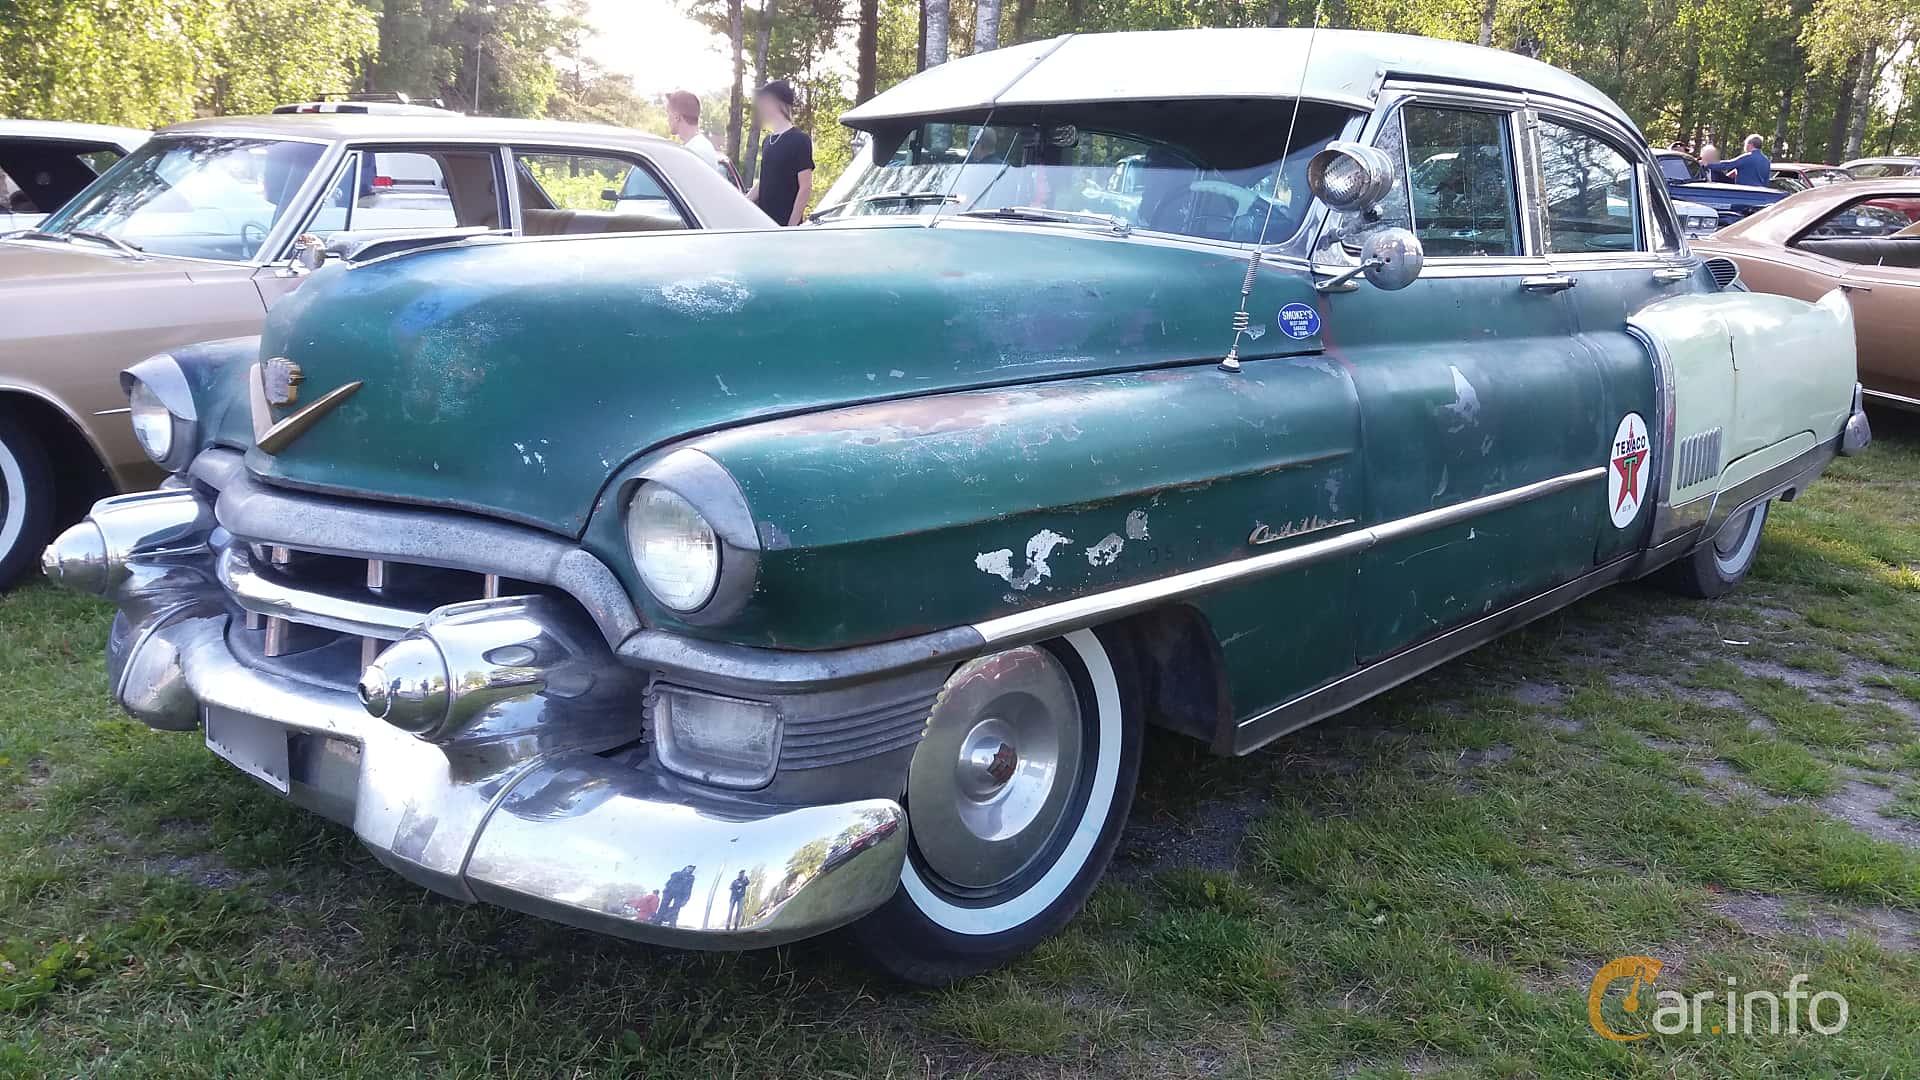 Front/Side  of Cadillac Fleetwood Sixty Special 5.4 V8 Hydra-Matic, 213ps, 1953 at Onsdagsträffar på Gammlia Umeå 2019 vecka 28